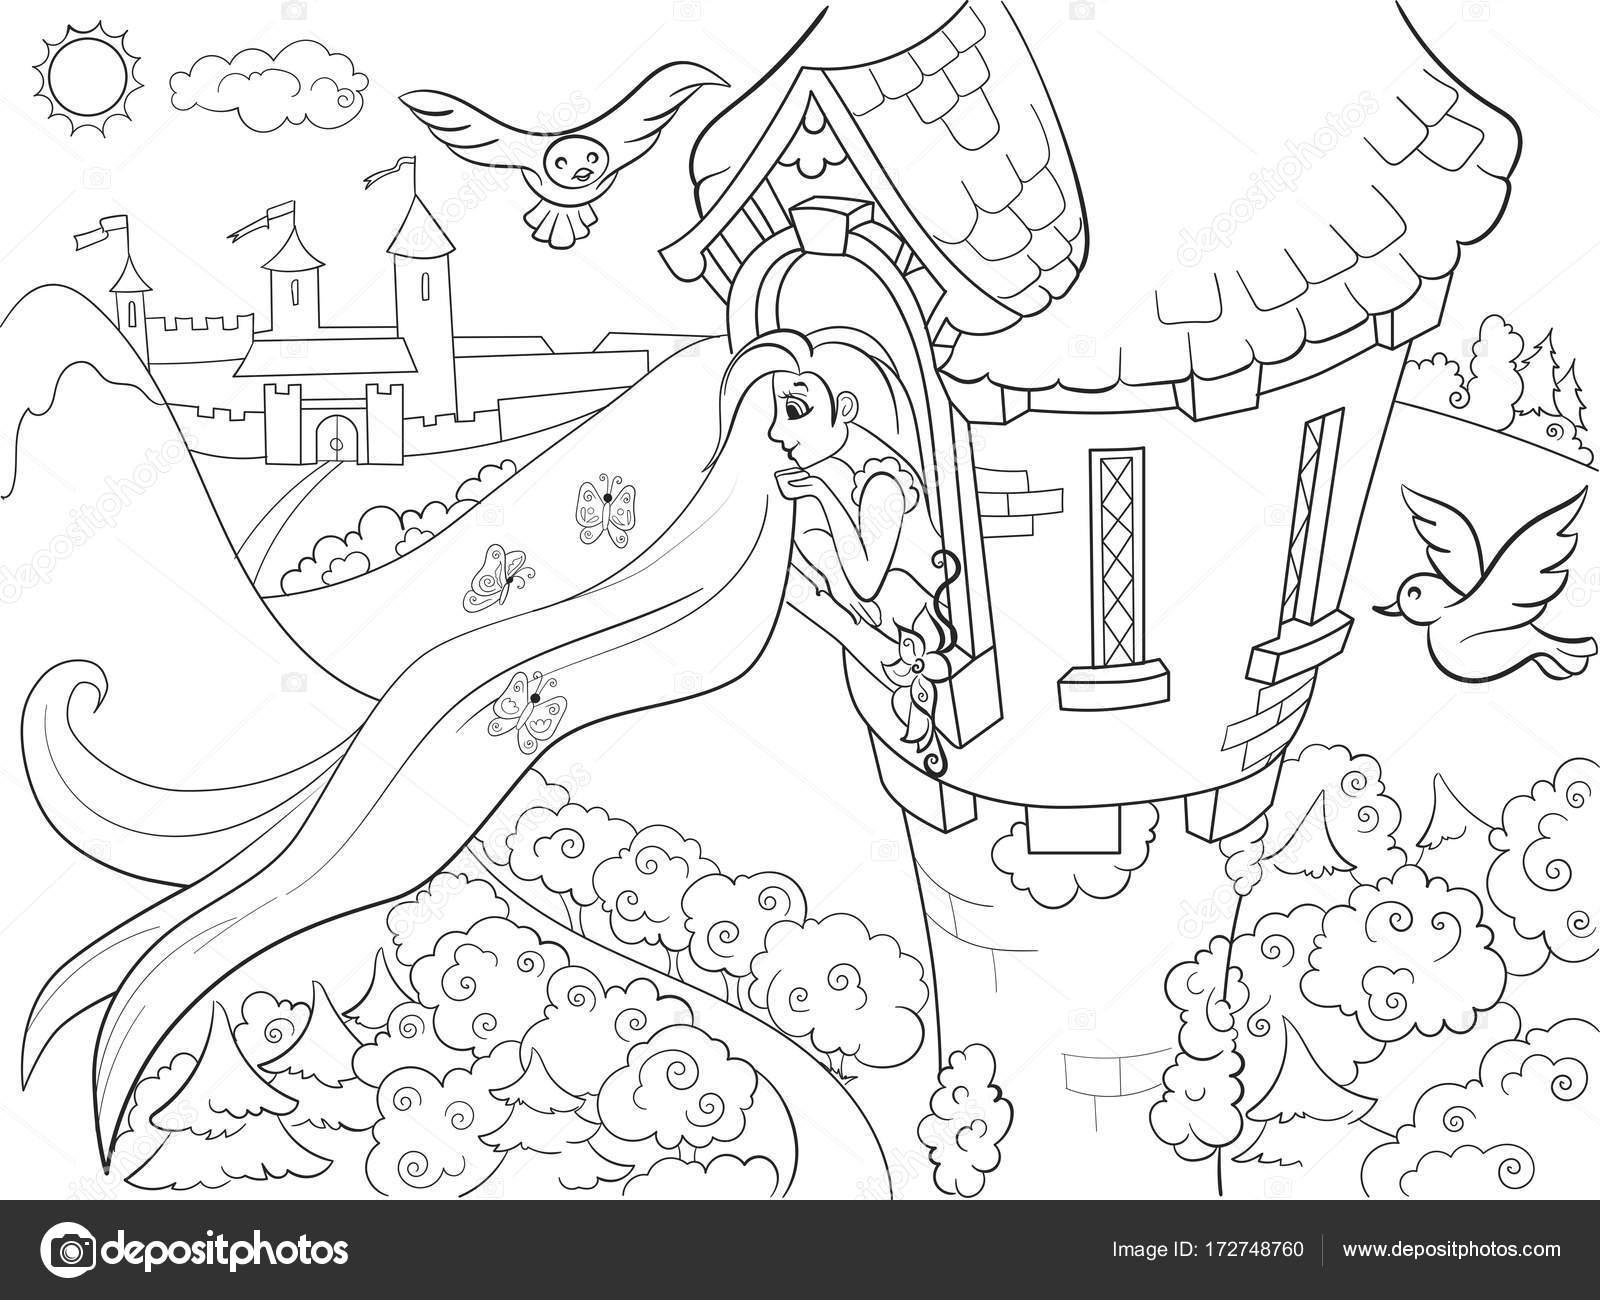 Boyama Resmi Rapunzel Coloring Free To Print